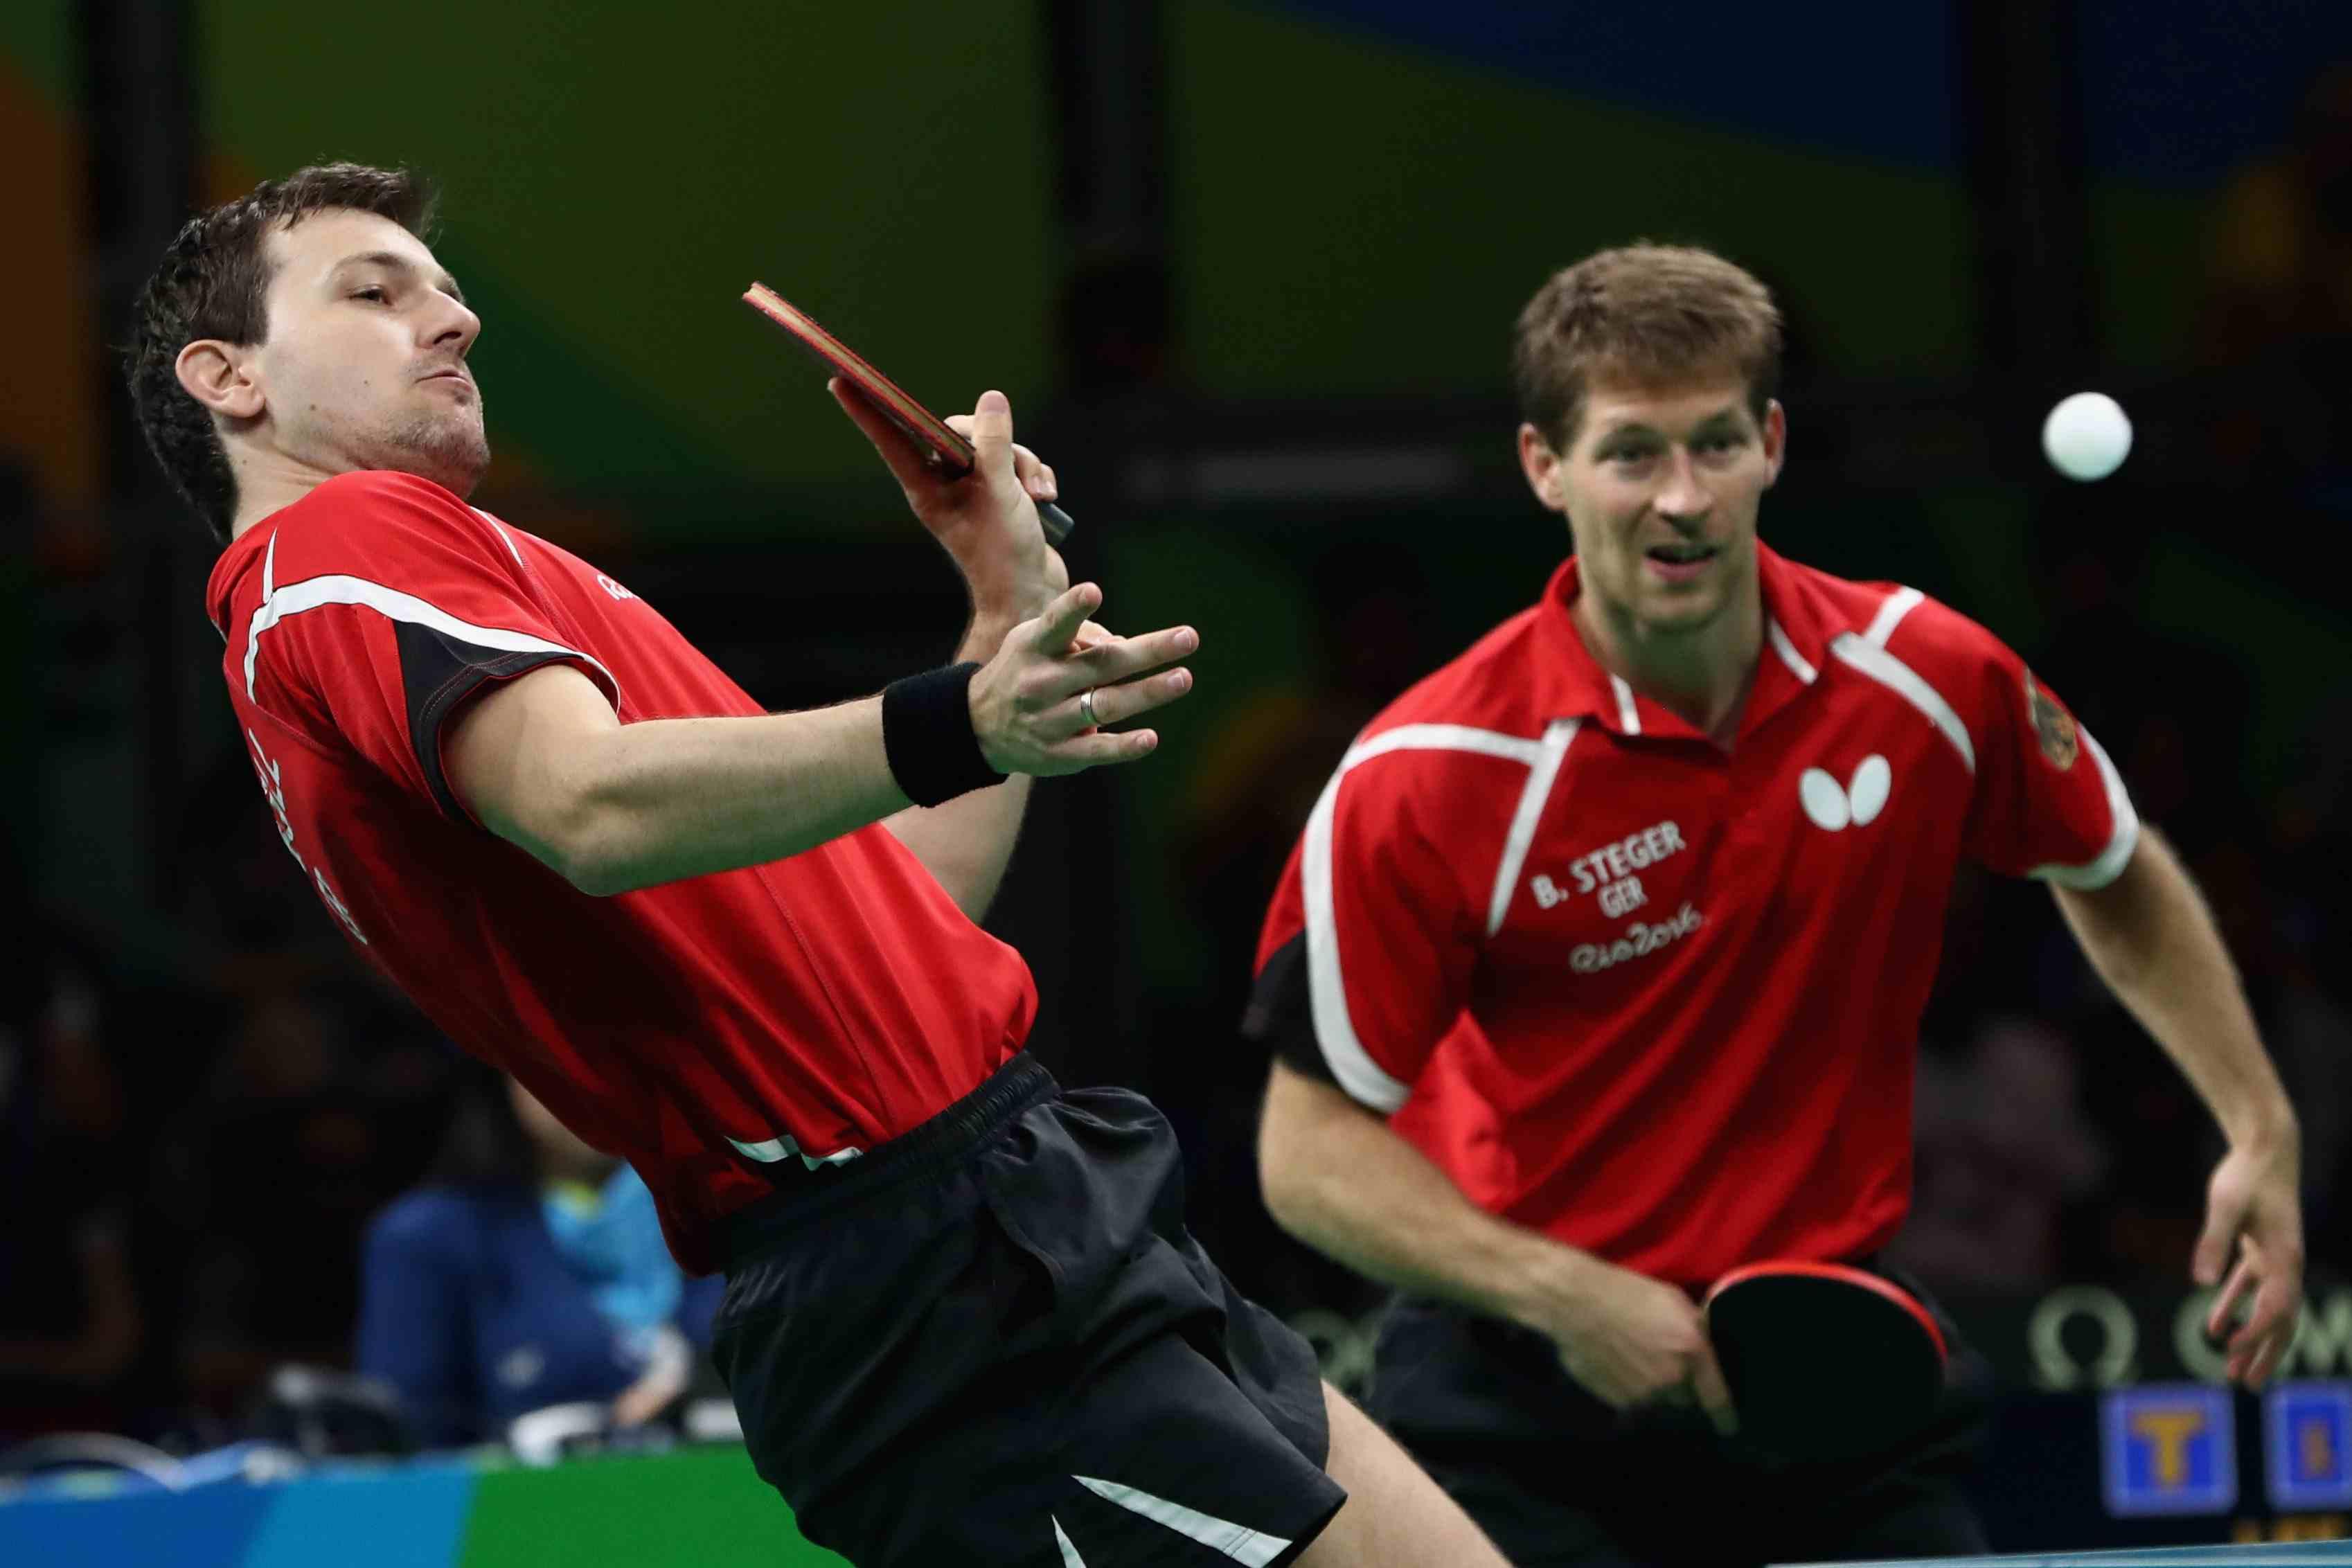 Tenis de mesa en los Juegos Olímpicos de Río